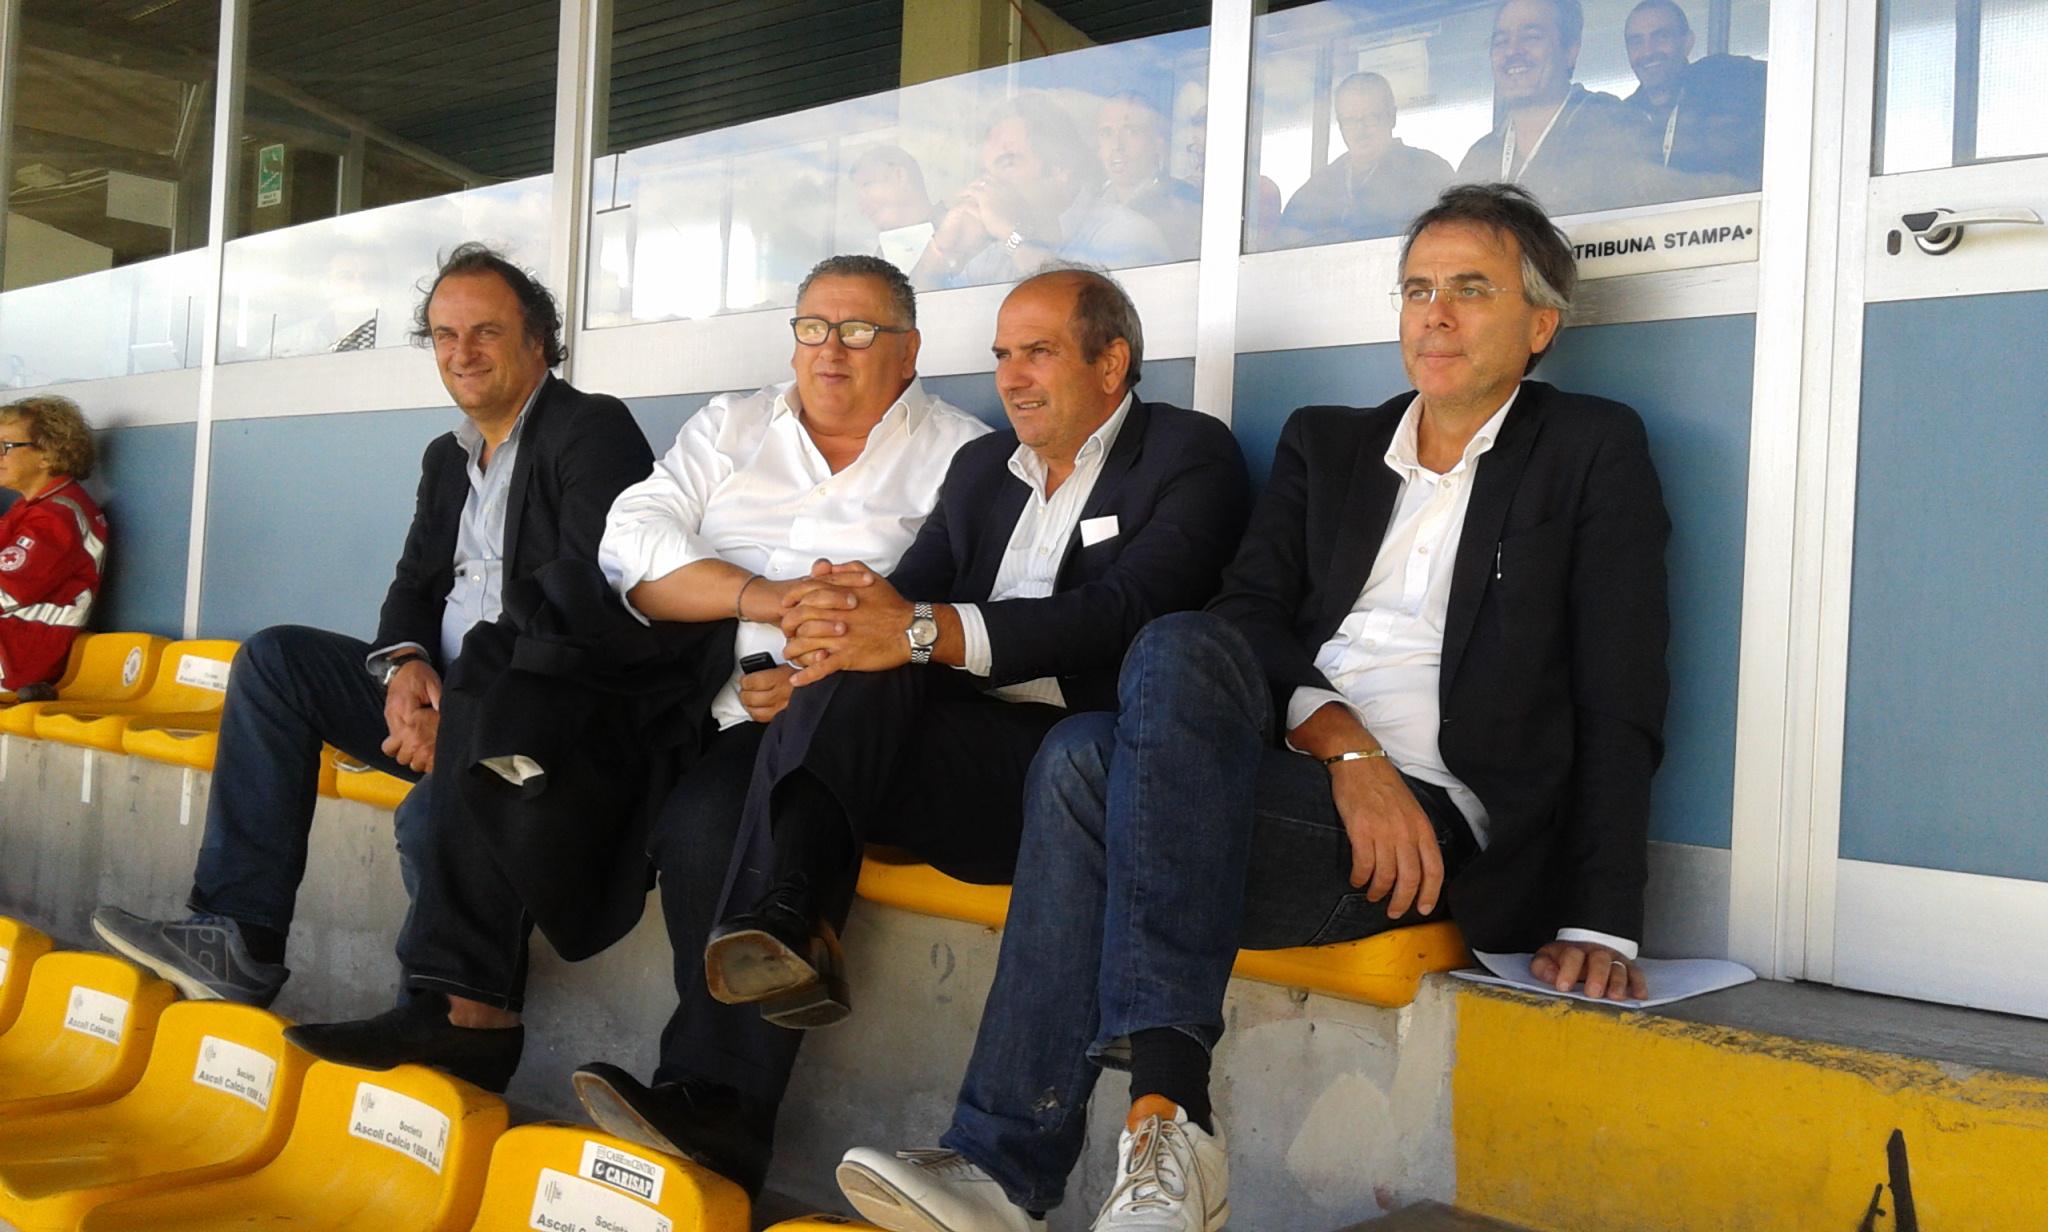 Da destra: Manocchio, Fabiani, Traini e Stallone